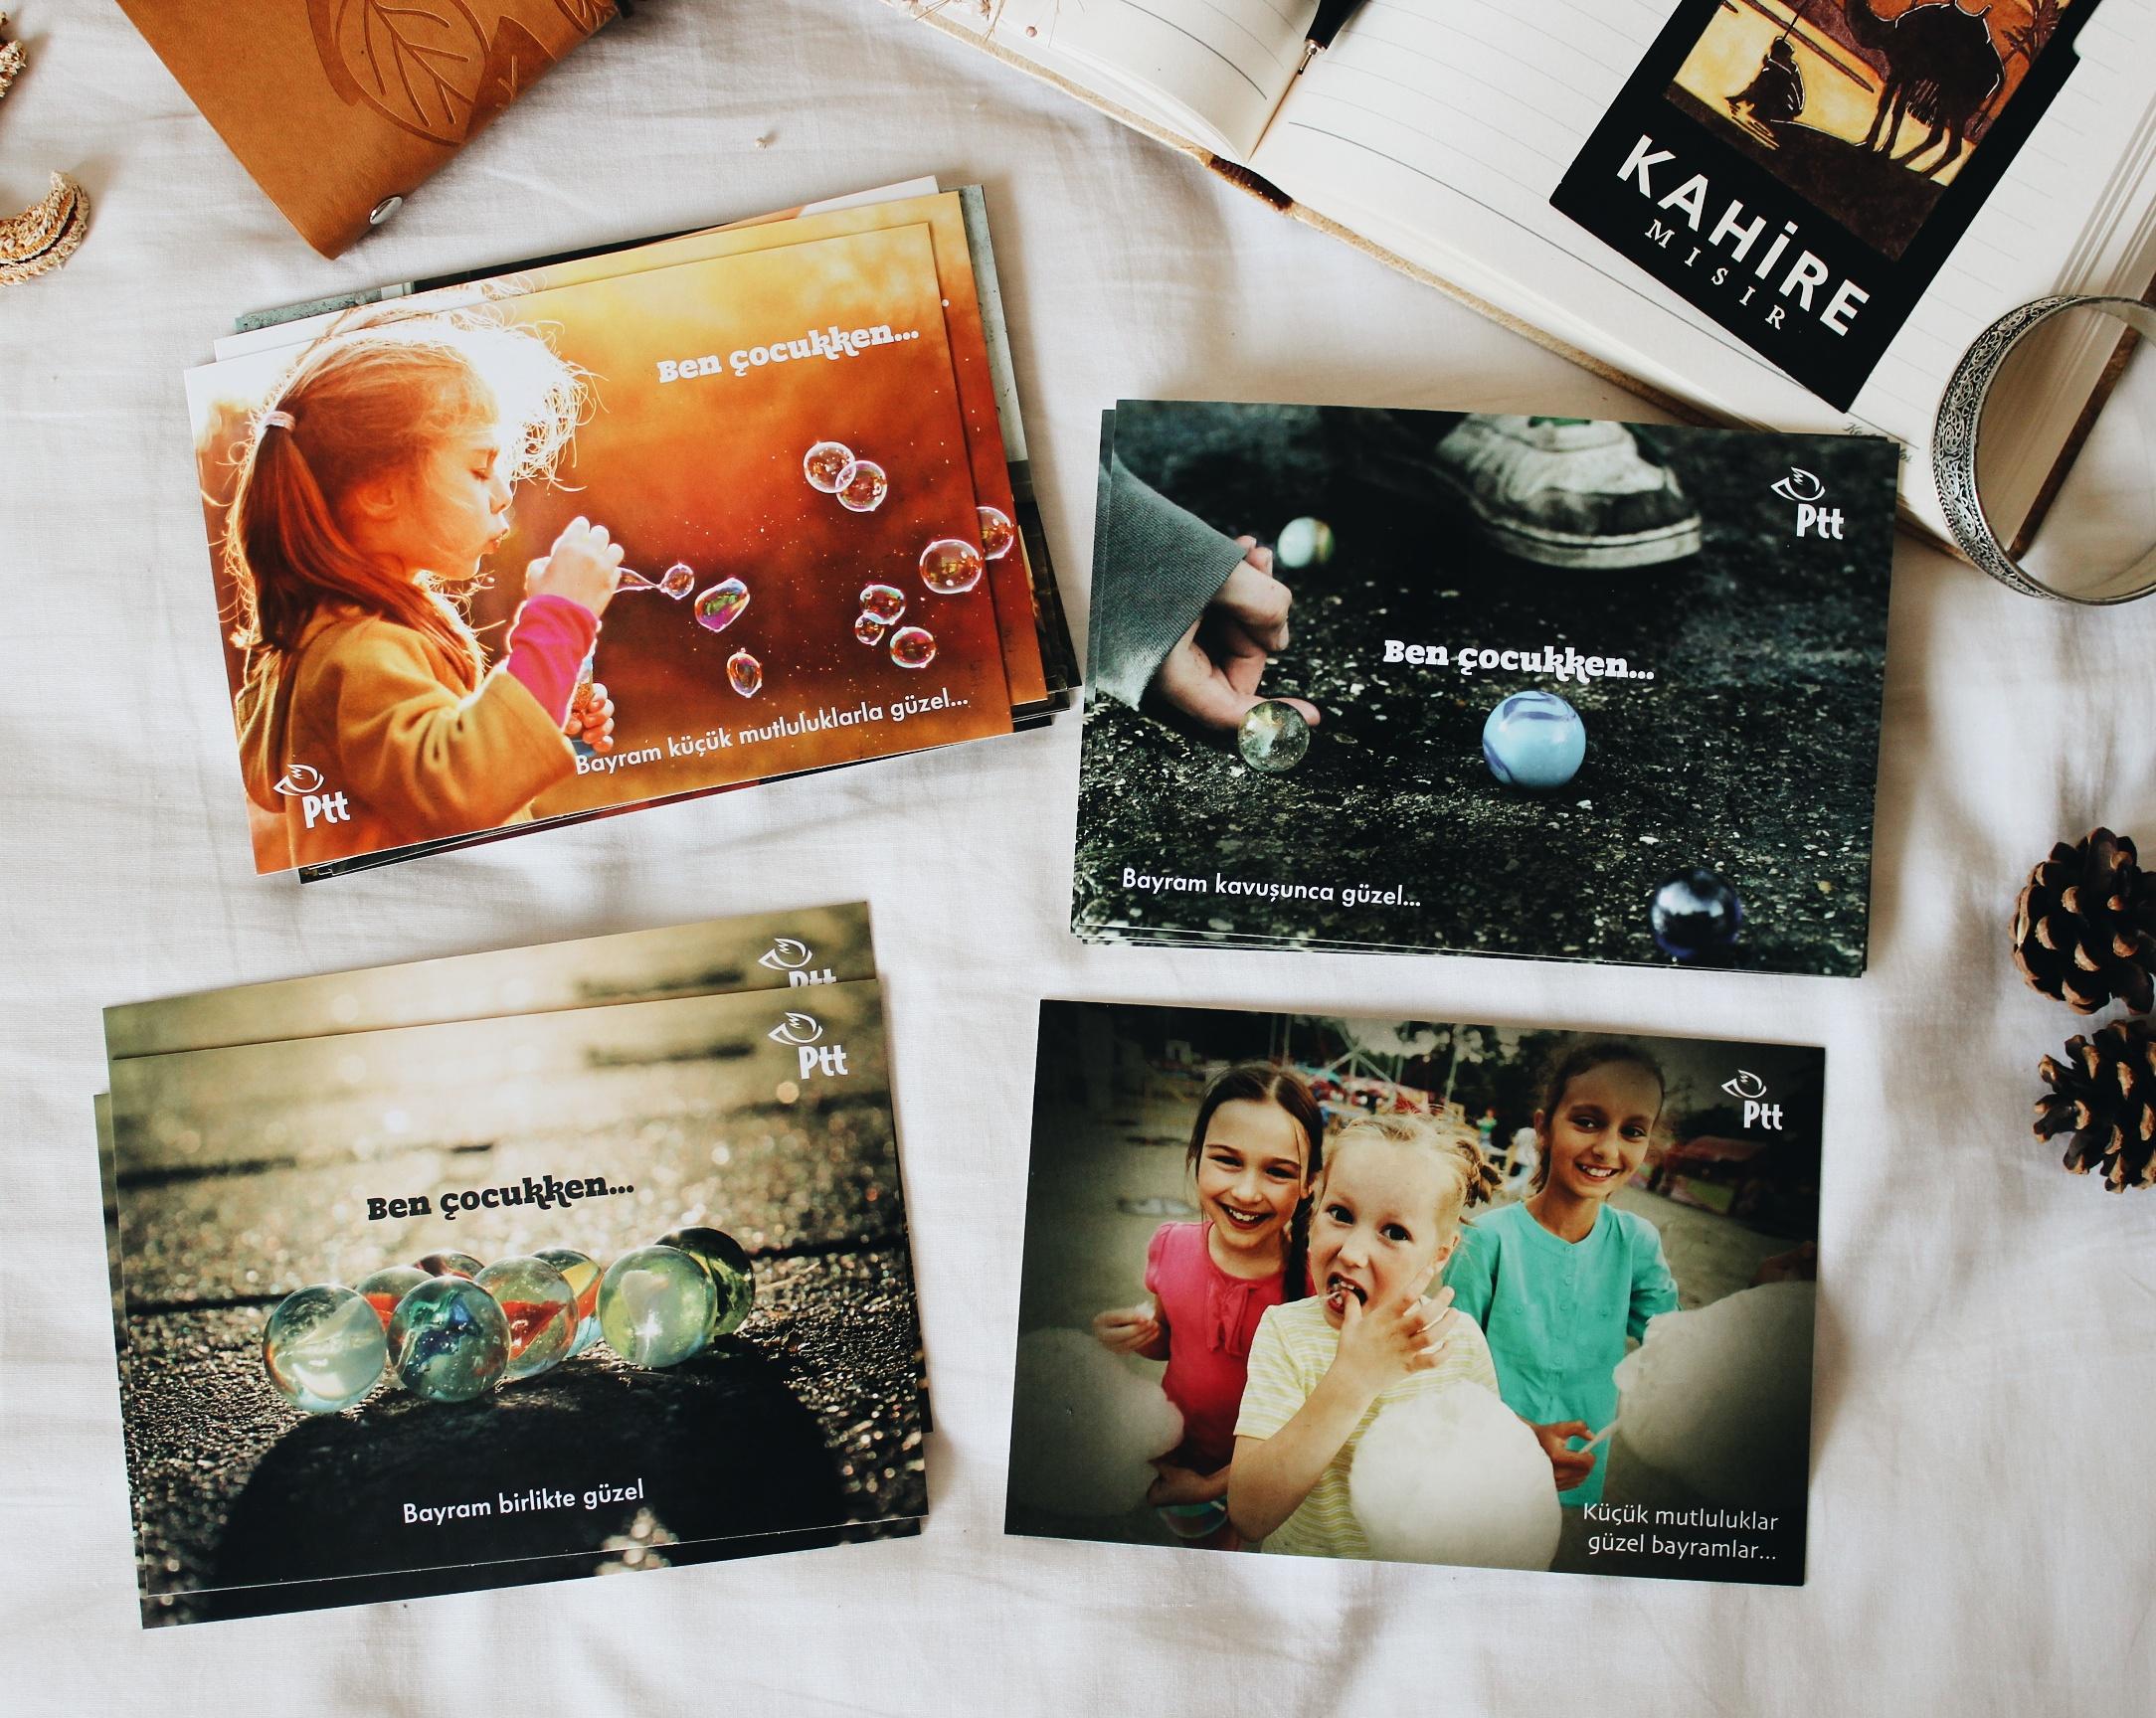 PTT'nin özel günlerde bastırdığı ücretsiz kartpostallar